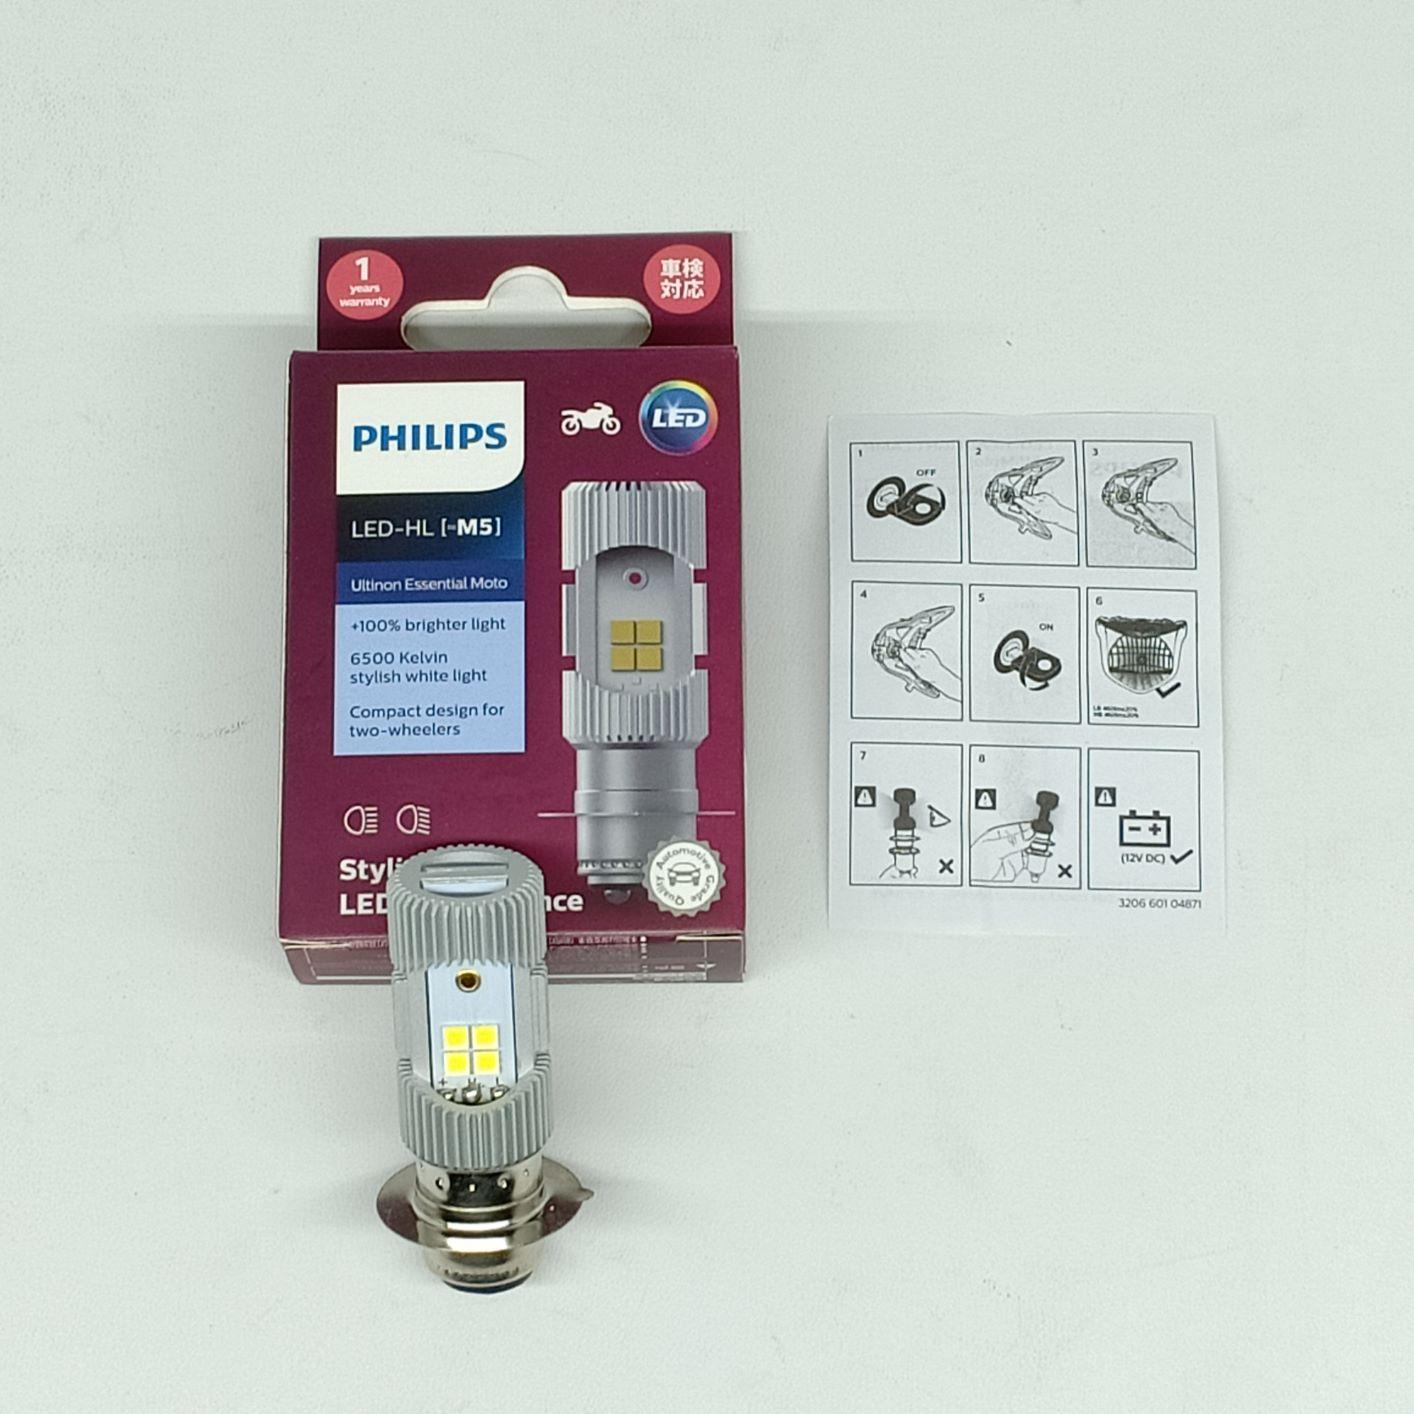 Philips Ultinon Essential Moto LED M5 H6 Kaki1 Putih Lampu Motor Bebek